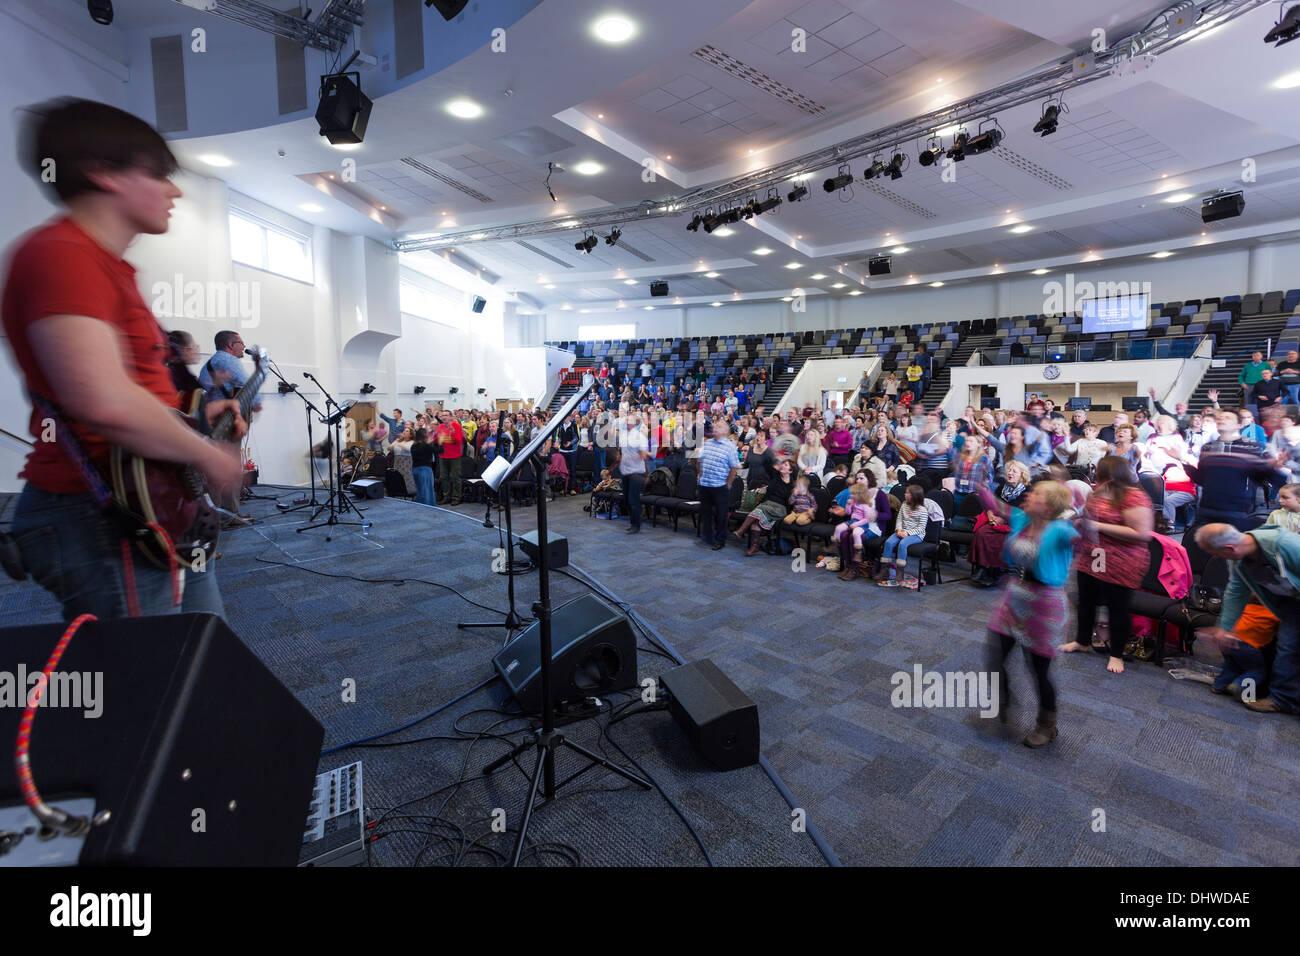 Gemeinde, Teilnahme an zeitgenössischen Anbetungsmusik während Sonntagsgottesdienst in der großen modernen Könige Community Church. Stockbild